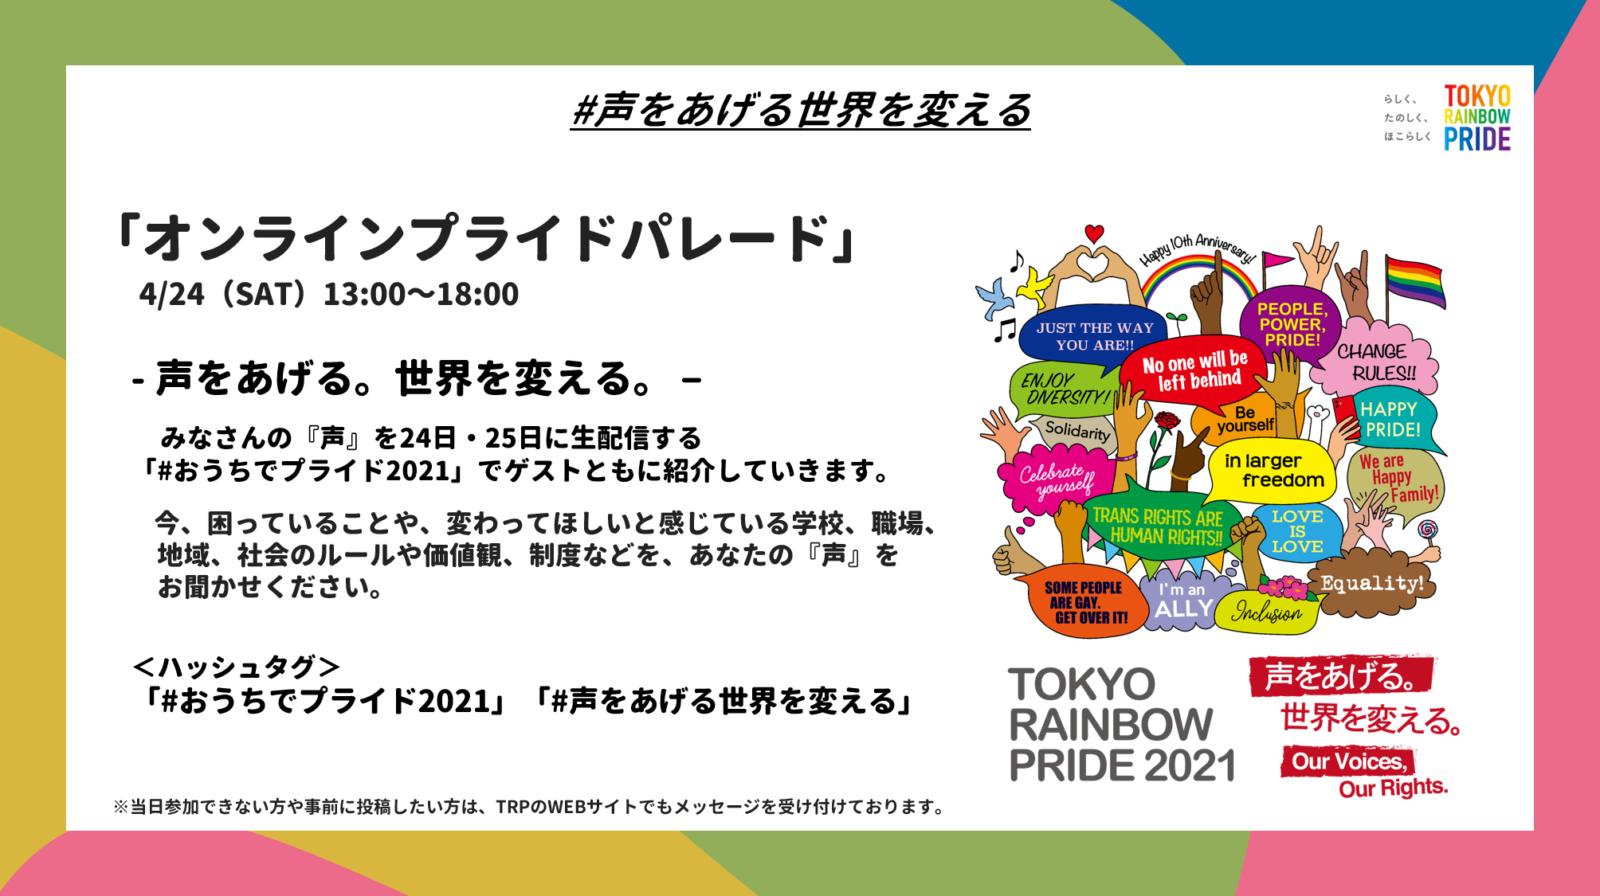 東京レインボープライド2021「#おうちでプライド2021」「#声をあげる世界を変える」メッセージ募集のお知らせ